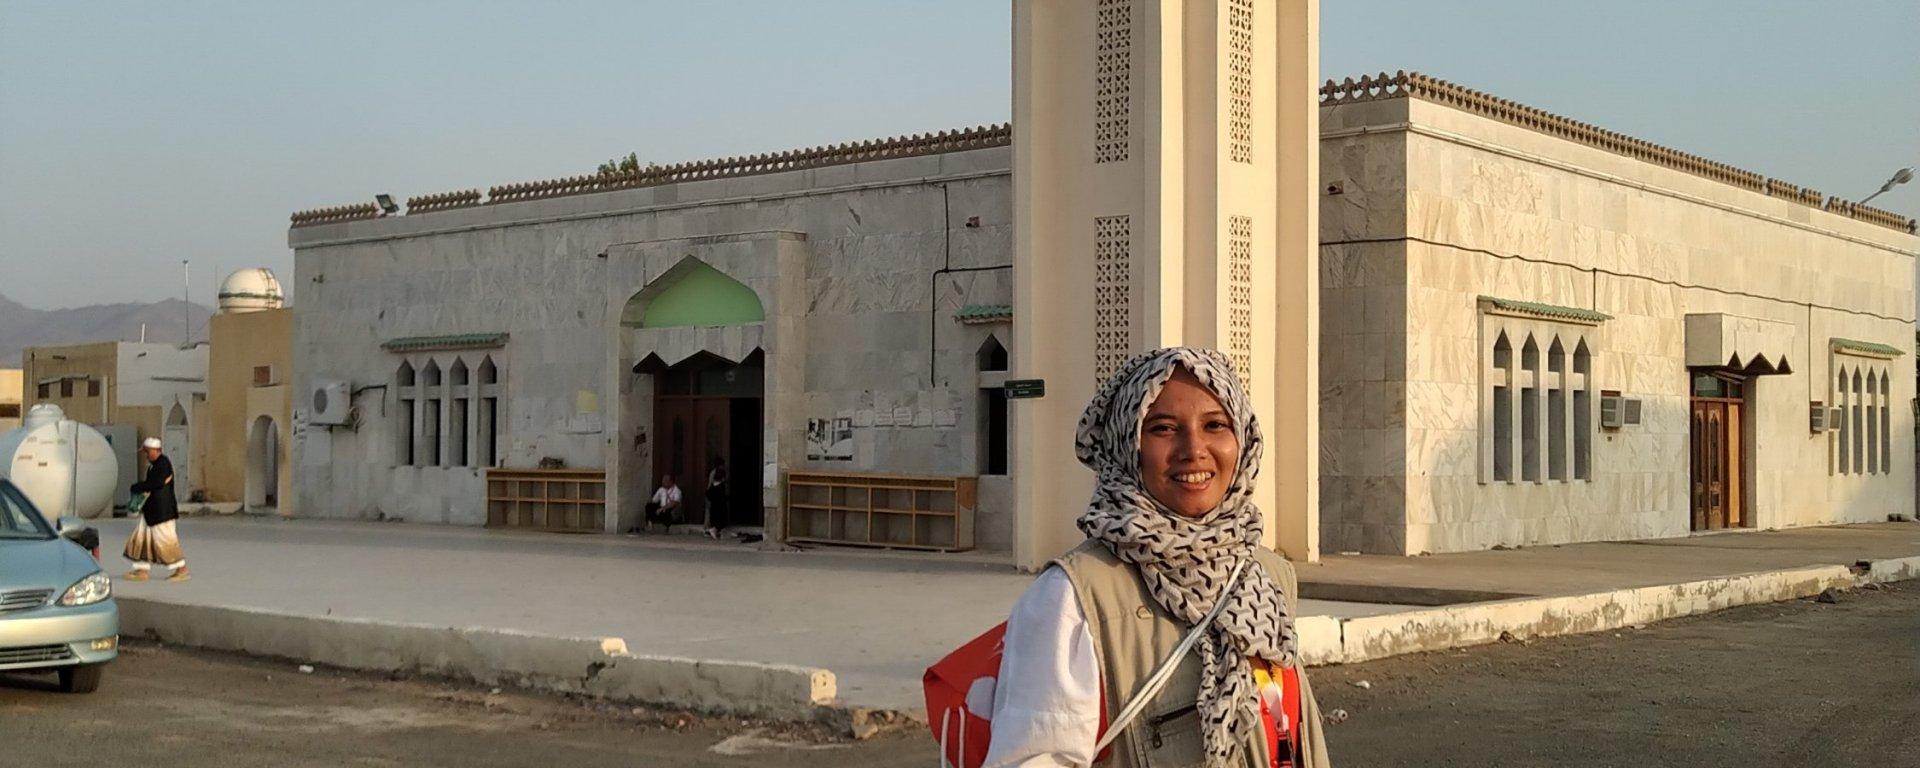 masjid-rest-area-makkah-madinah-ransel-saya